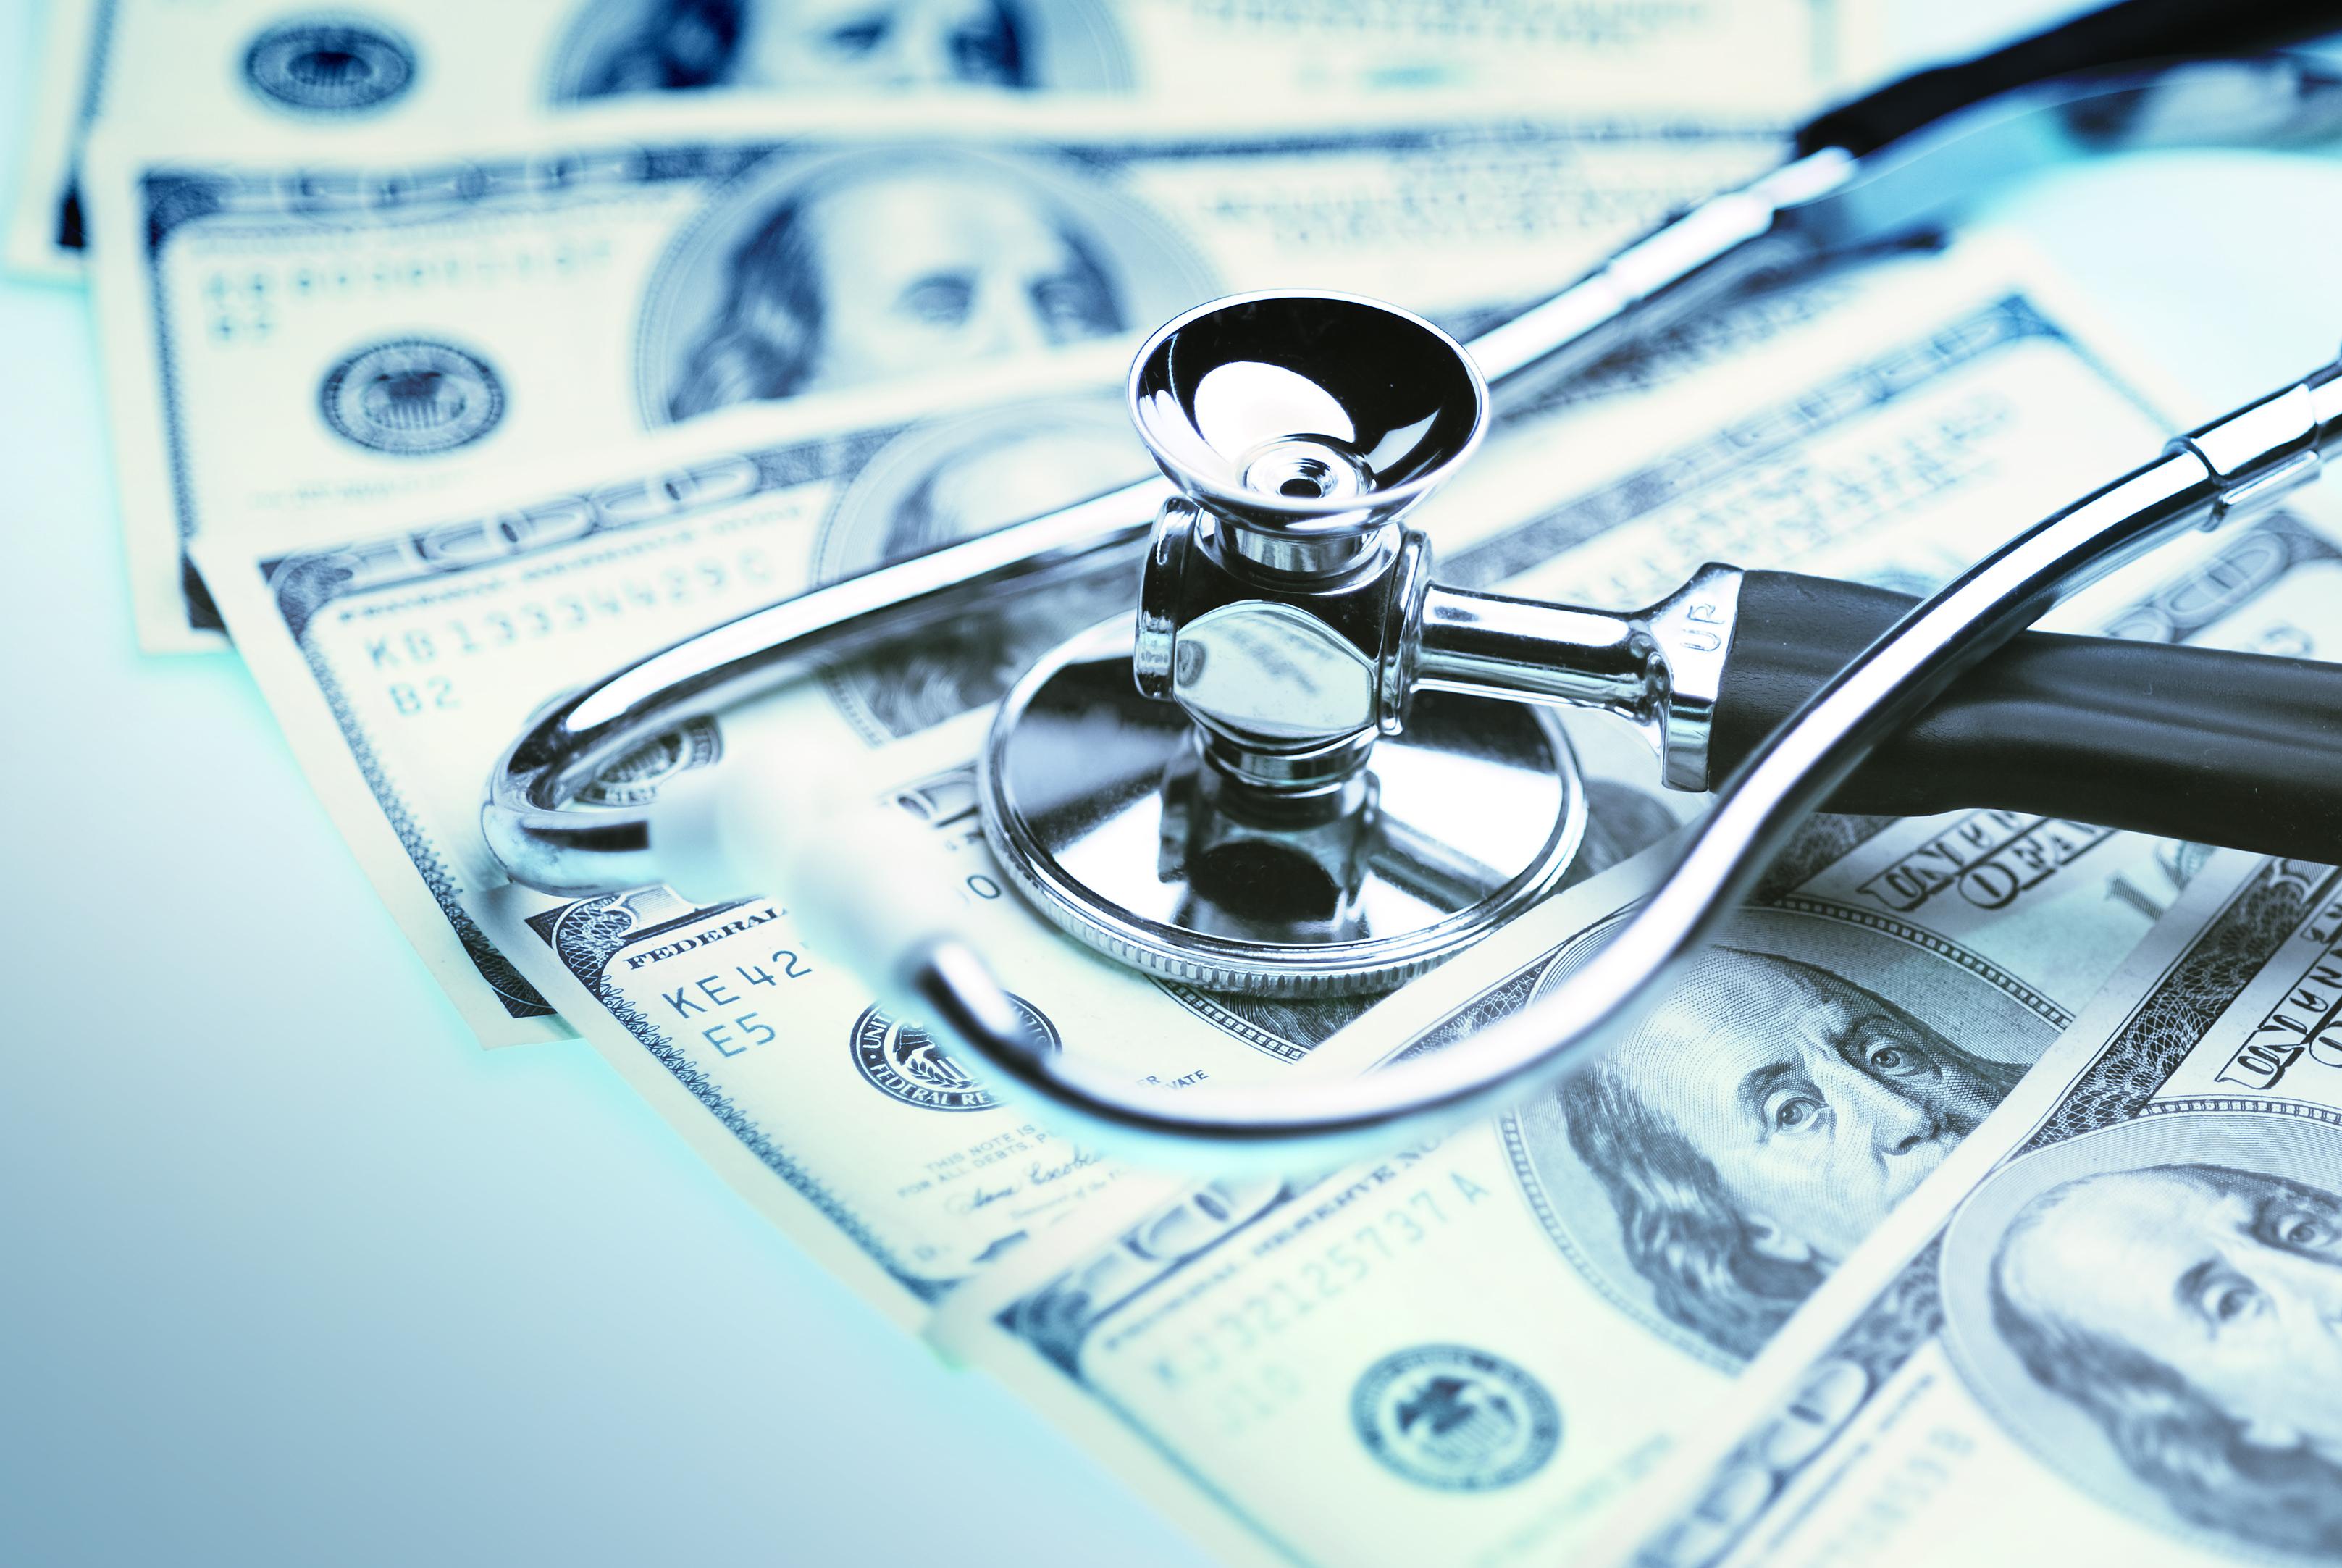 Stethoscope on hundred dollar bills